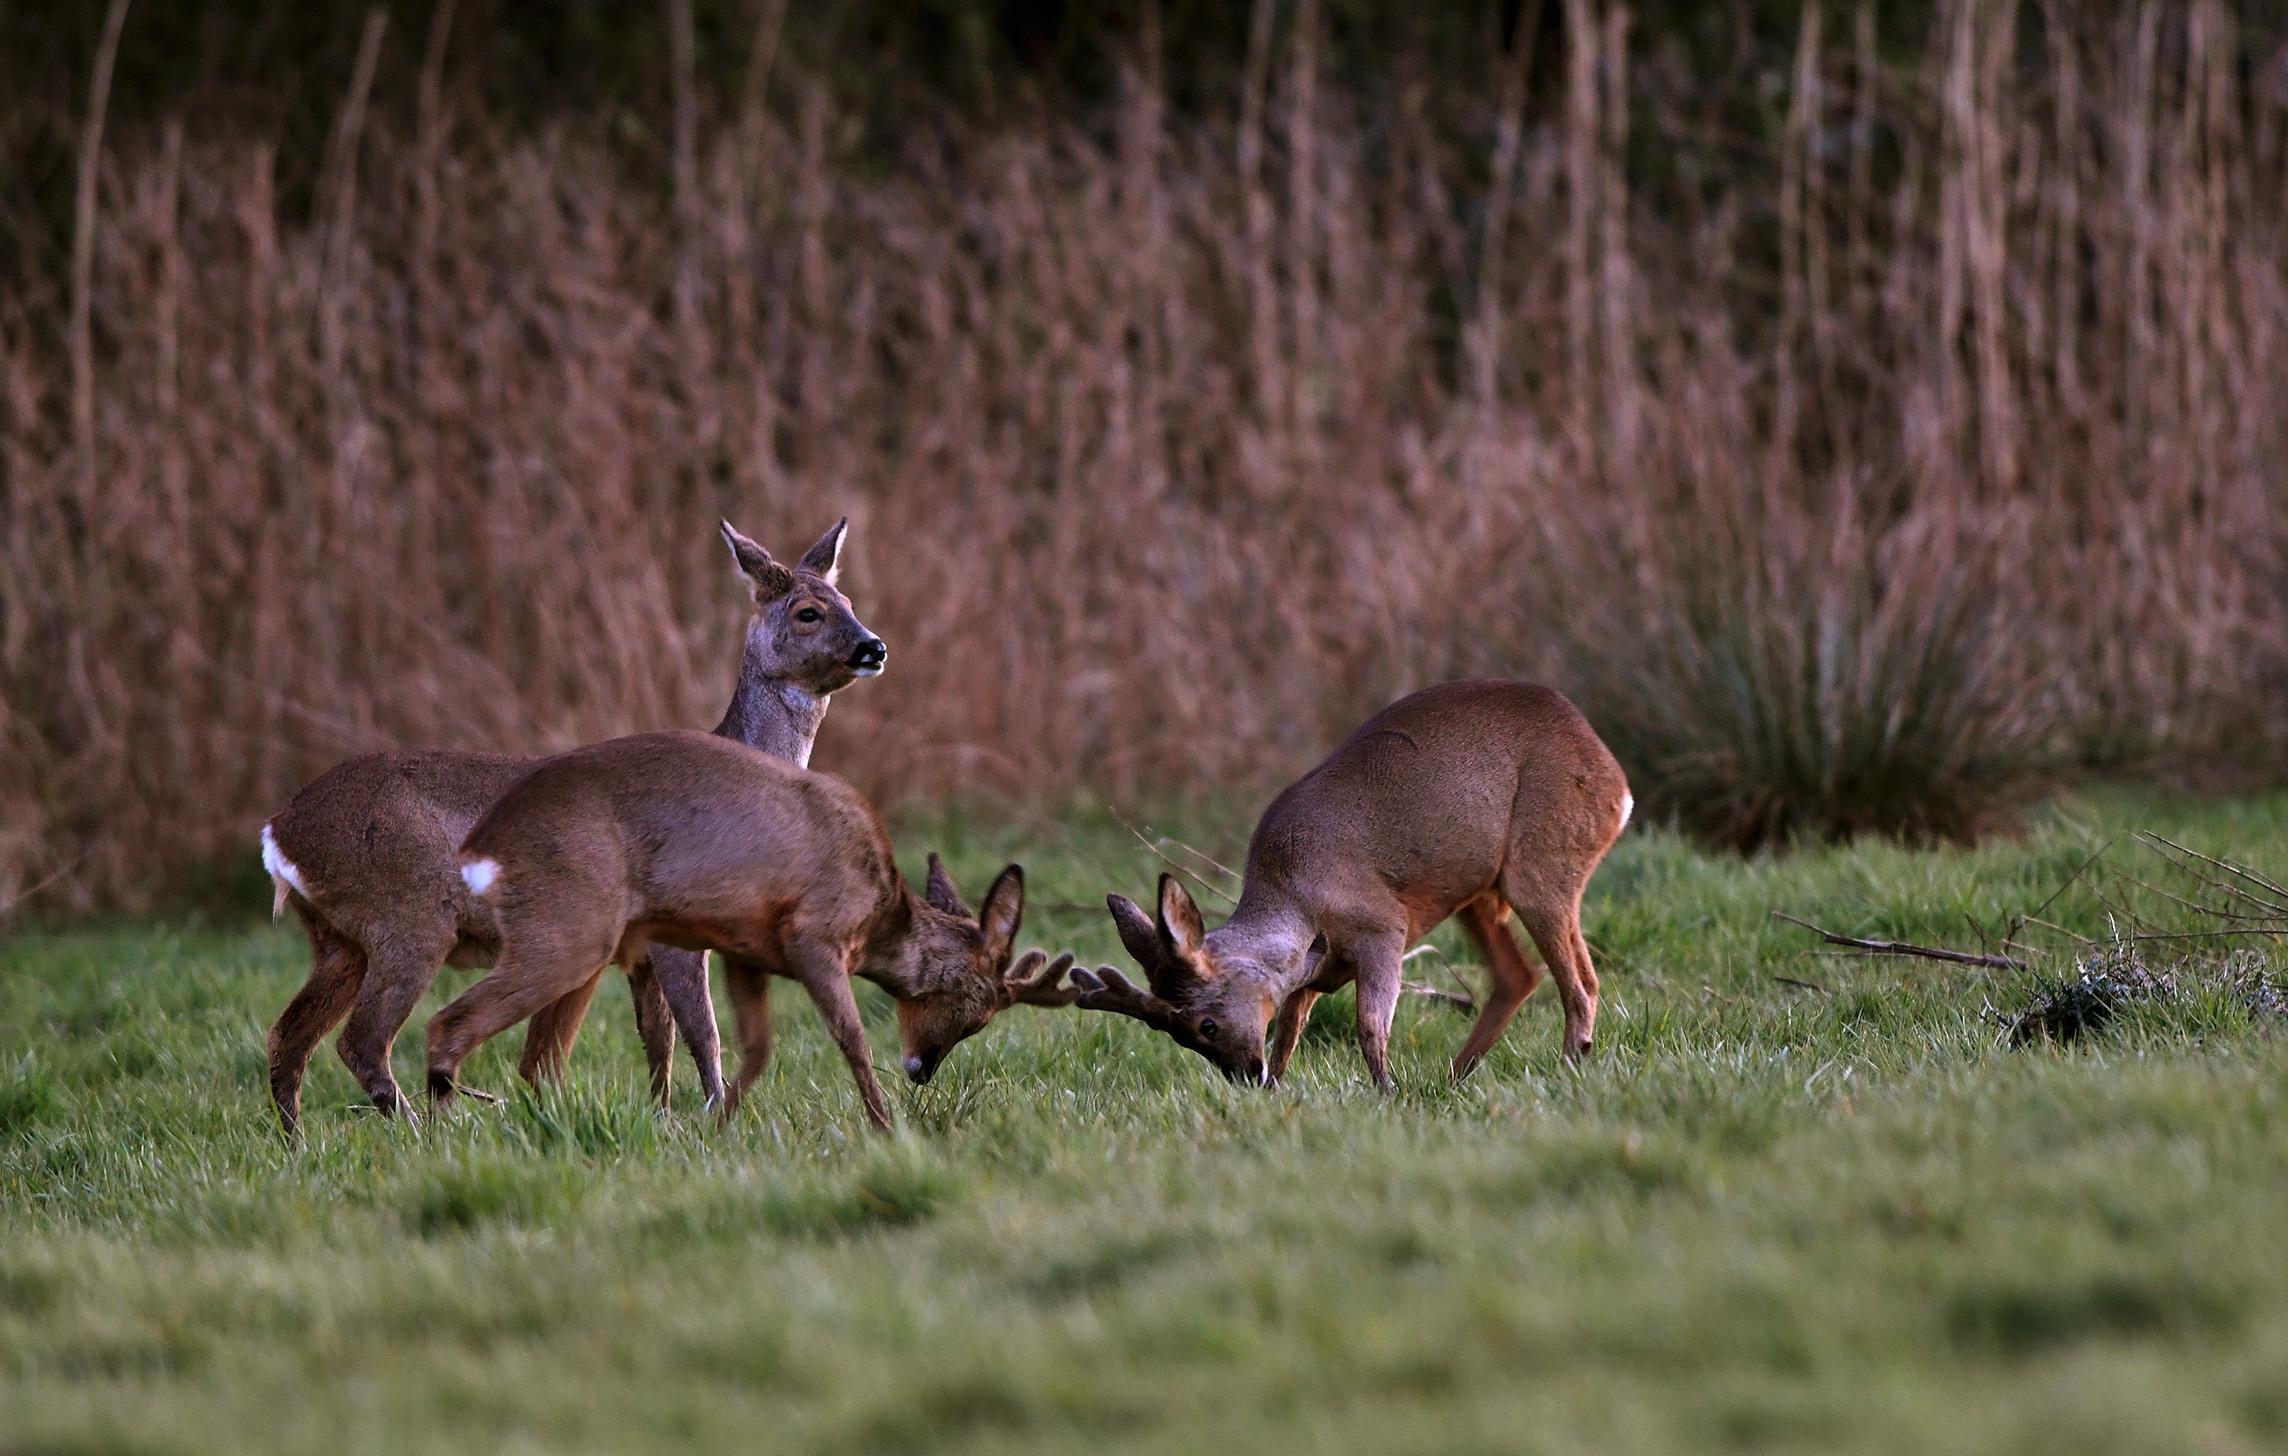 Terwijl de jongens zo bezig zijn, blijft moeder alert en houd zo de omgeving in de gaten - Foto: ©Louis Fraanje